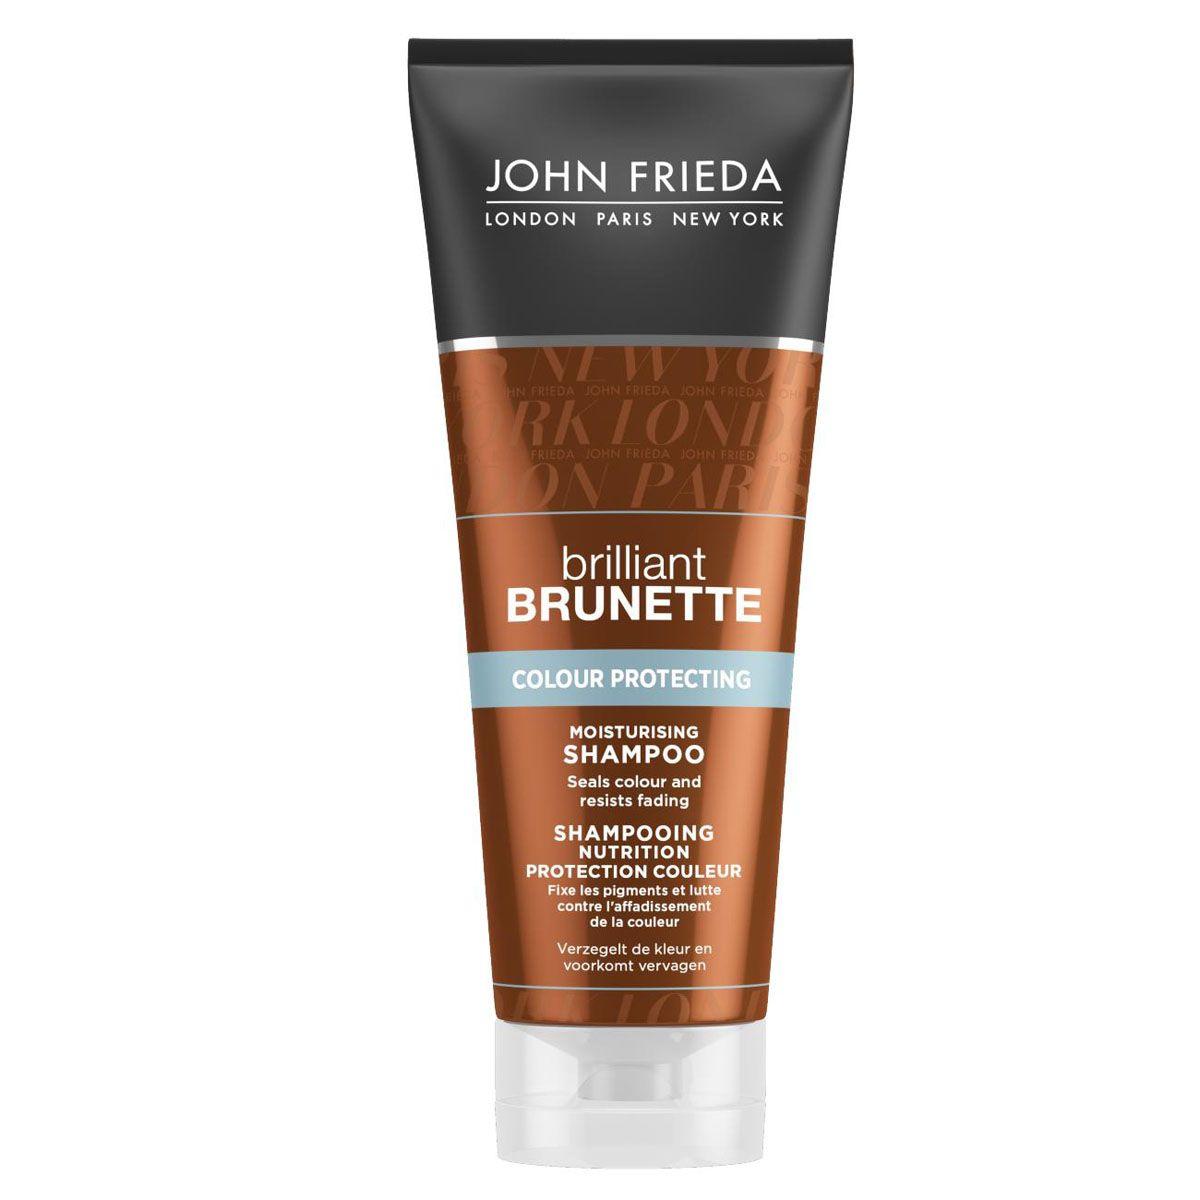 John Frieda Увлажняющий шампунь для защиты цвета темных волос Brilliant Brunette COLOUR PROTECTING 250 млjf311110Закрепляет цвет и поддерживает его интенсивность. Сохраните красоту и стойкость цвета волос. Увлажняющий шампунь поможет защитить и сохранить цвет темных волос, компенсируя недостающую влагу сухим и окрашенным темным волосам.